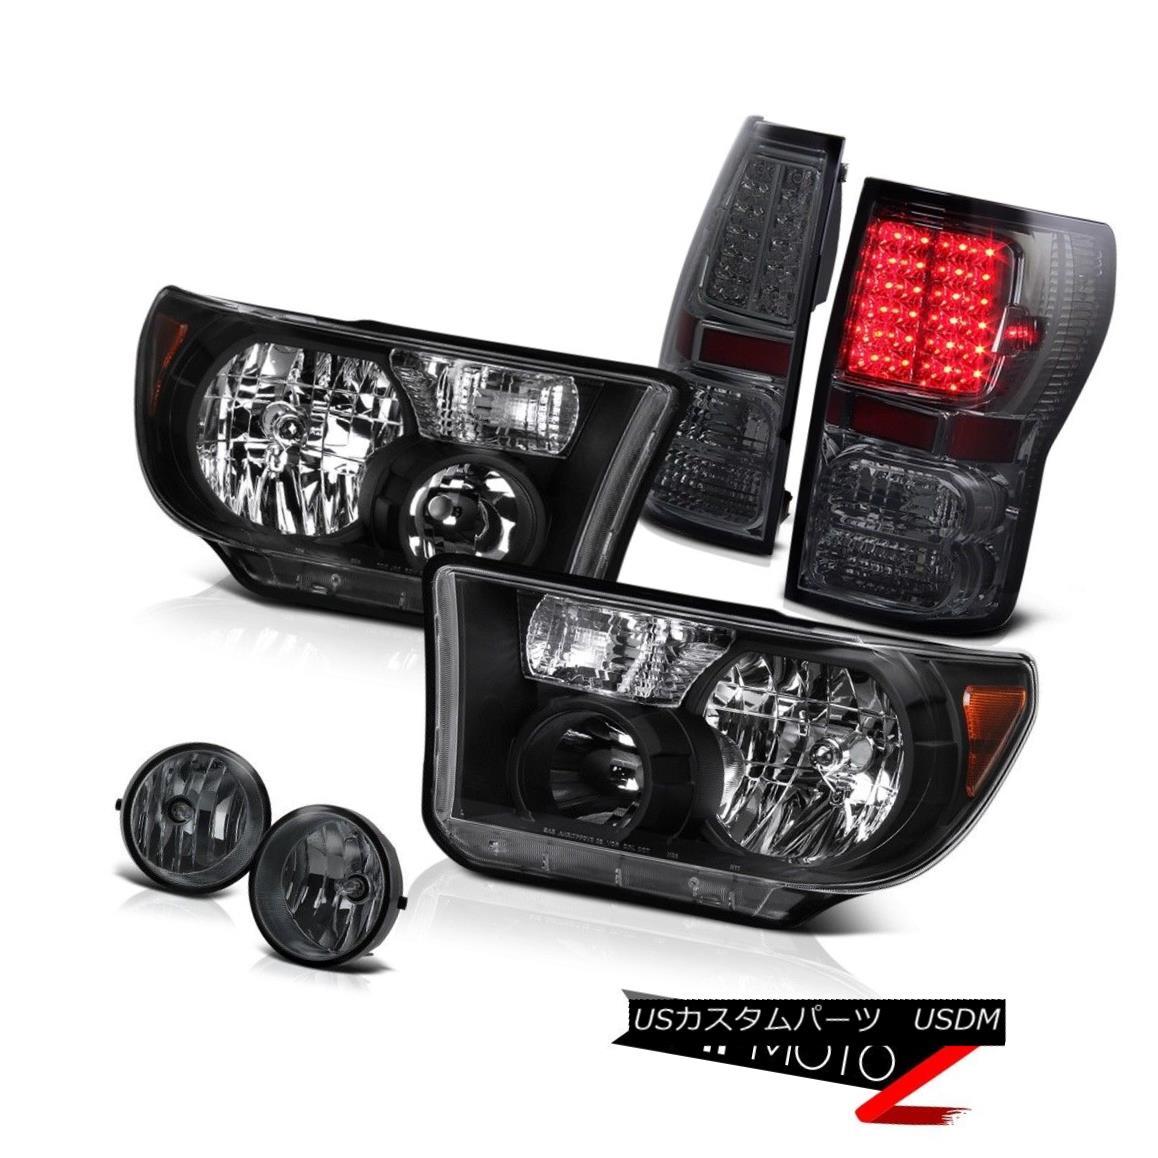 ヘッドライト Black Diamond L+R Headlight+Led Tail Light+Fog Lamp Tundra 07-13 TRD ブラックダイヤモンドL + Rヘッドライト+ Ledテールライト+ FogランプTundra 07-13 TRD